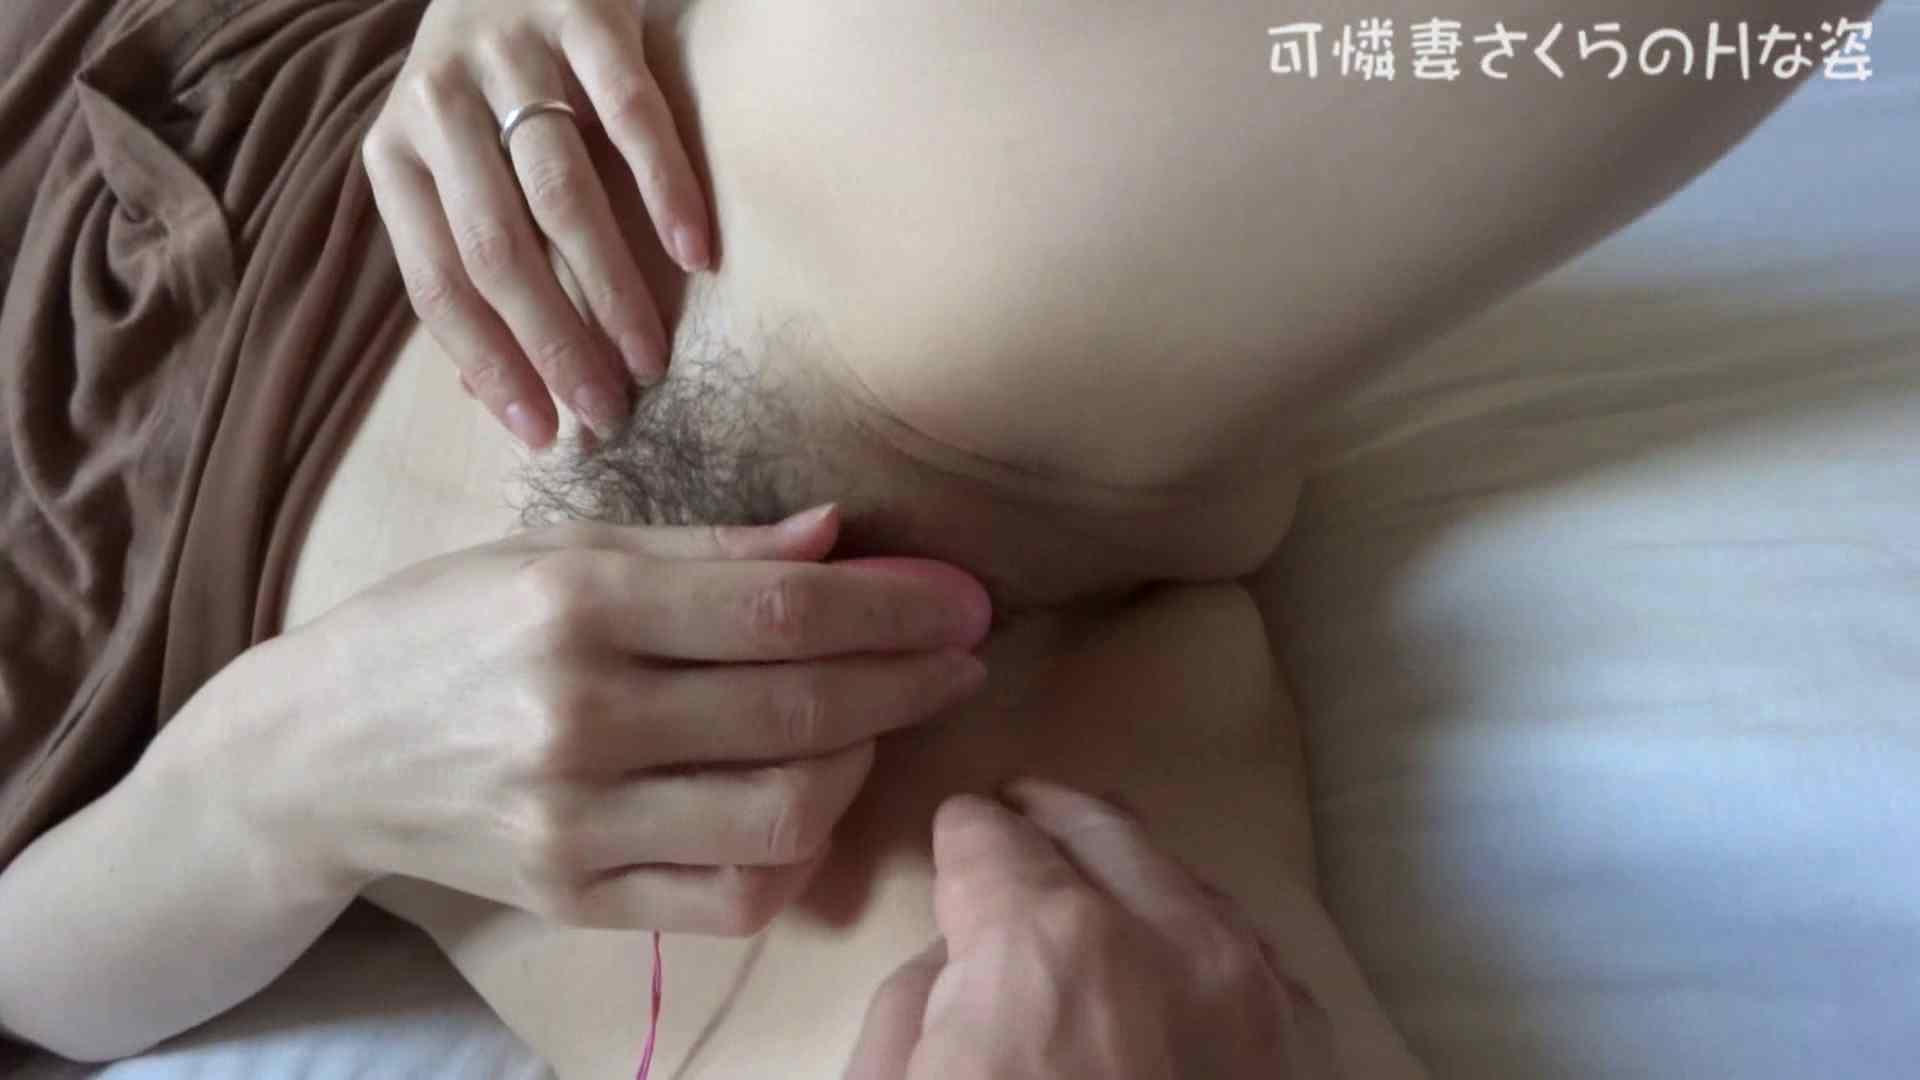 可憐妻さくらのHな姿vol.18 淫乱 濡れ場動画紹介 88連発 33